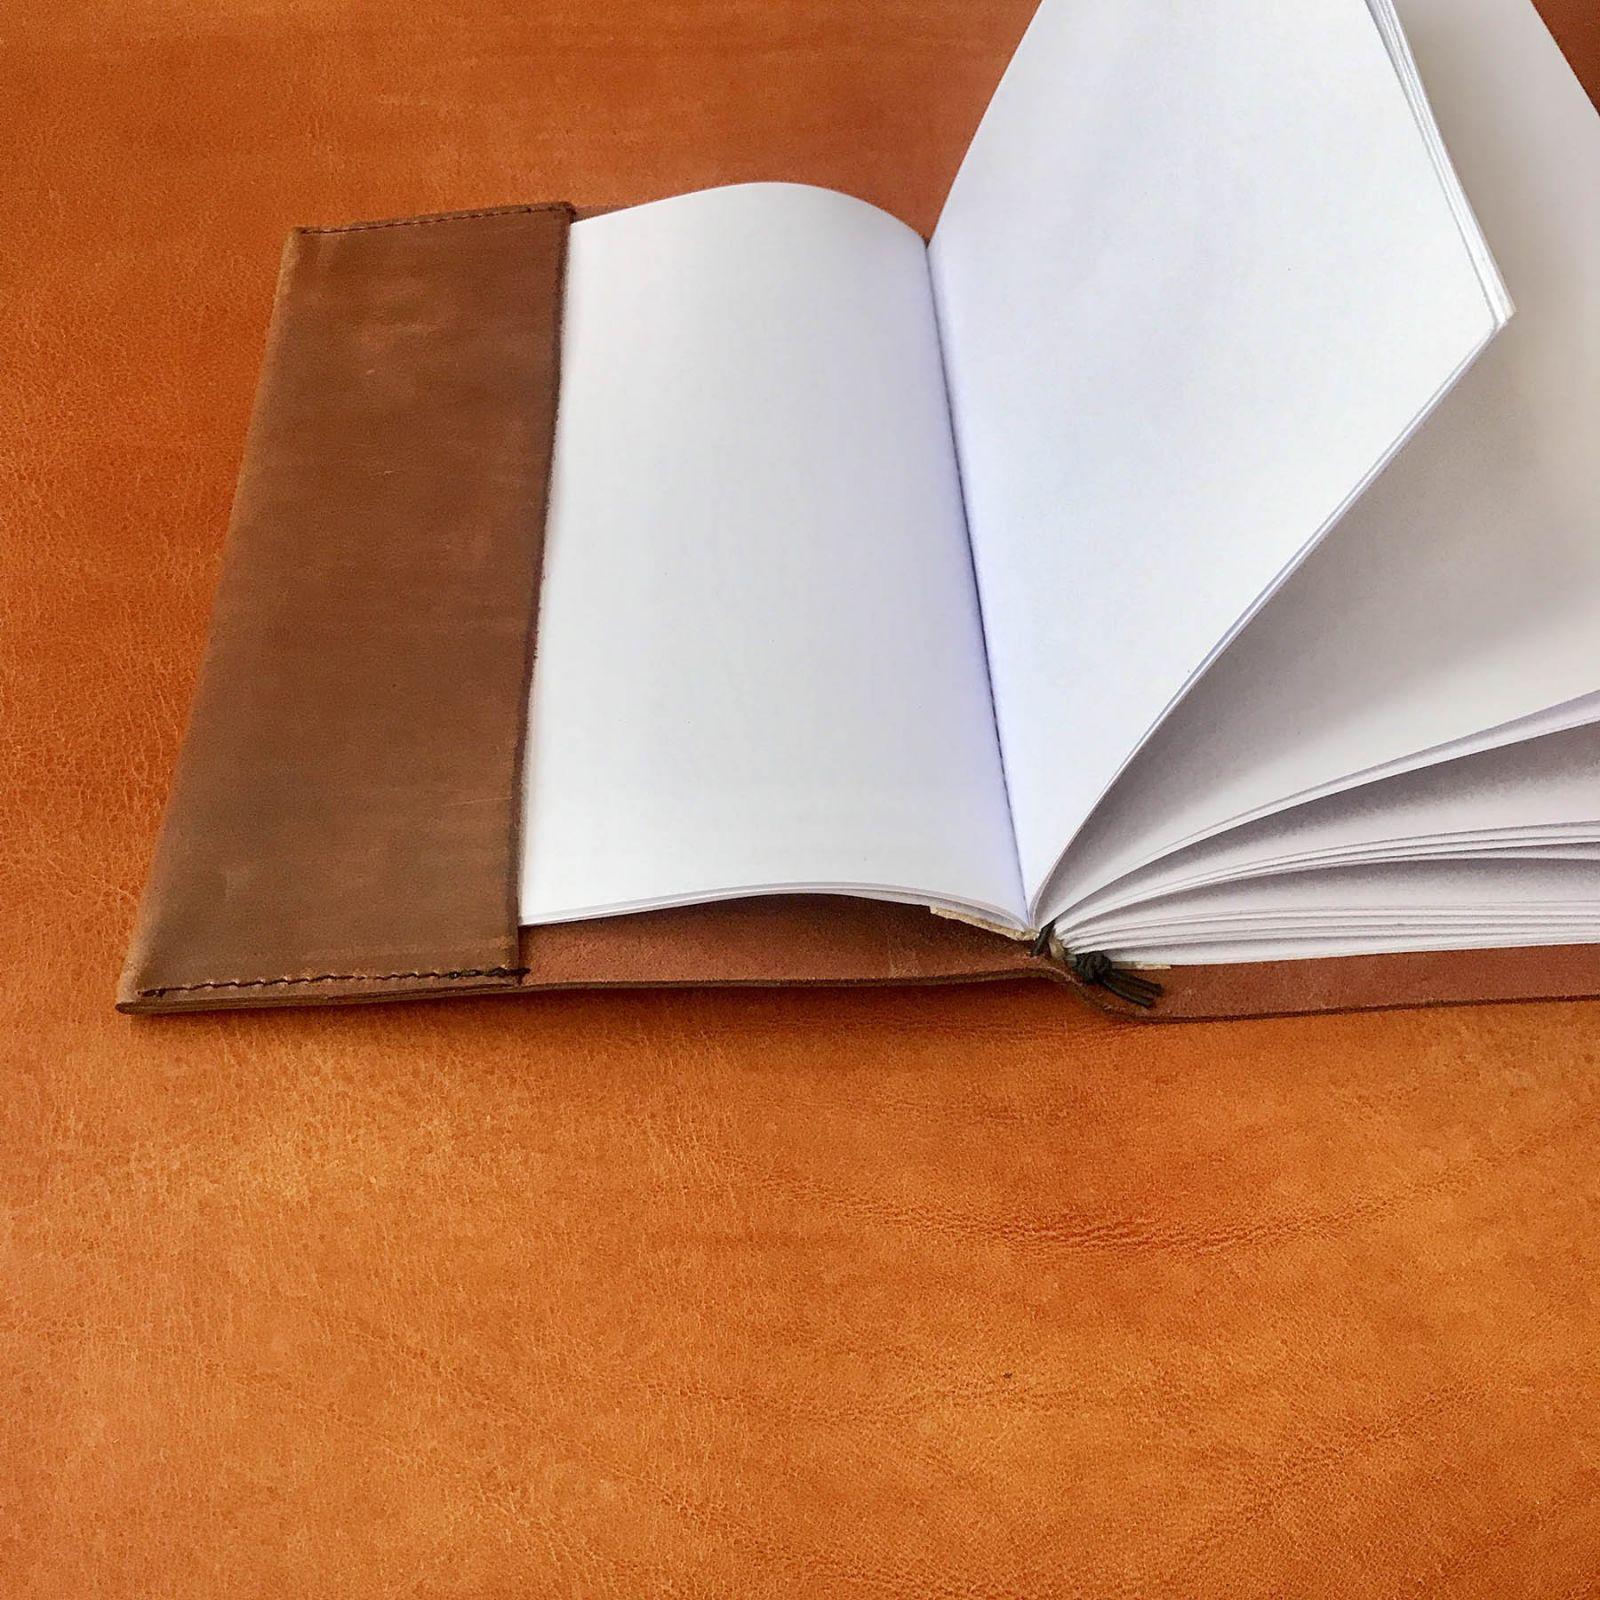 odine uzrasine dienorastis sketchbook gimtadienio dovanos vyrams sukaktuviu dovanu idejos vyrui dizaineriui programuotojui menininkui muzikantui darbo knyga 41